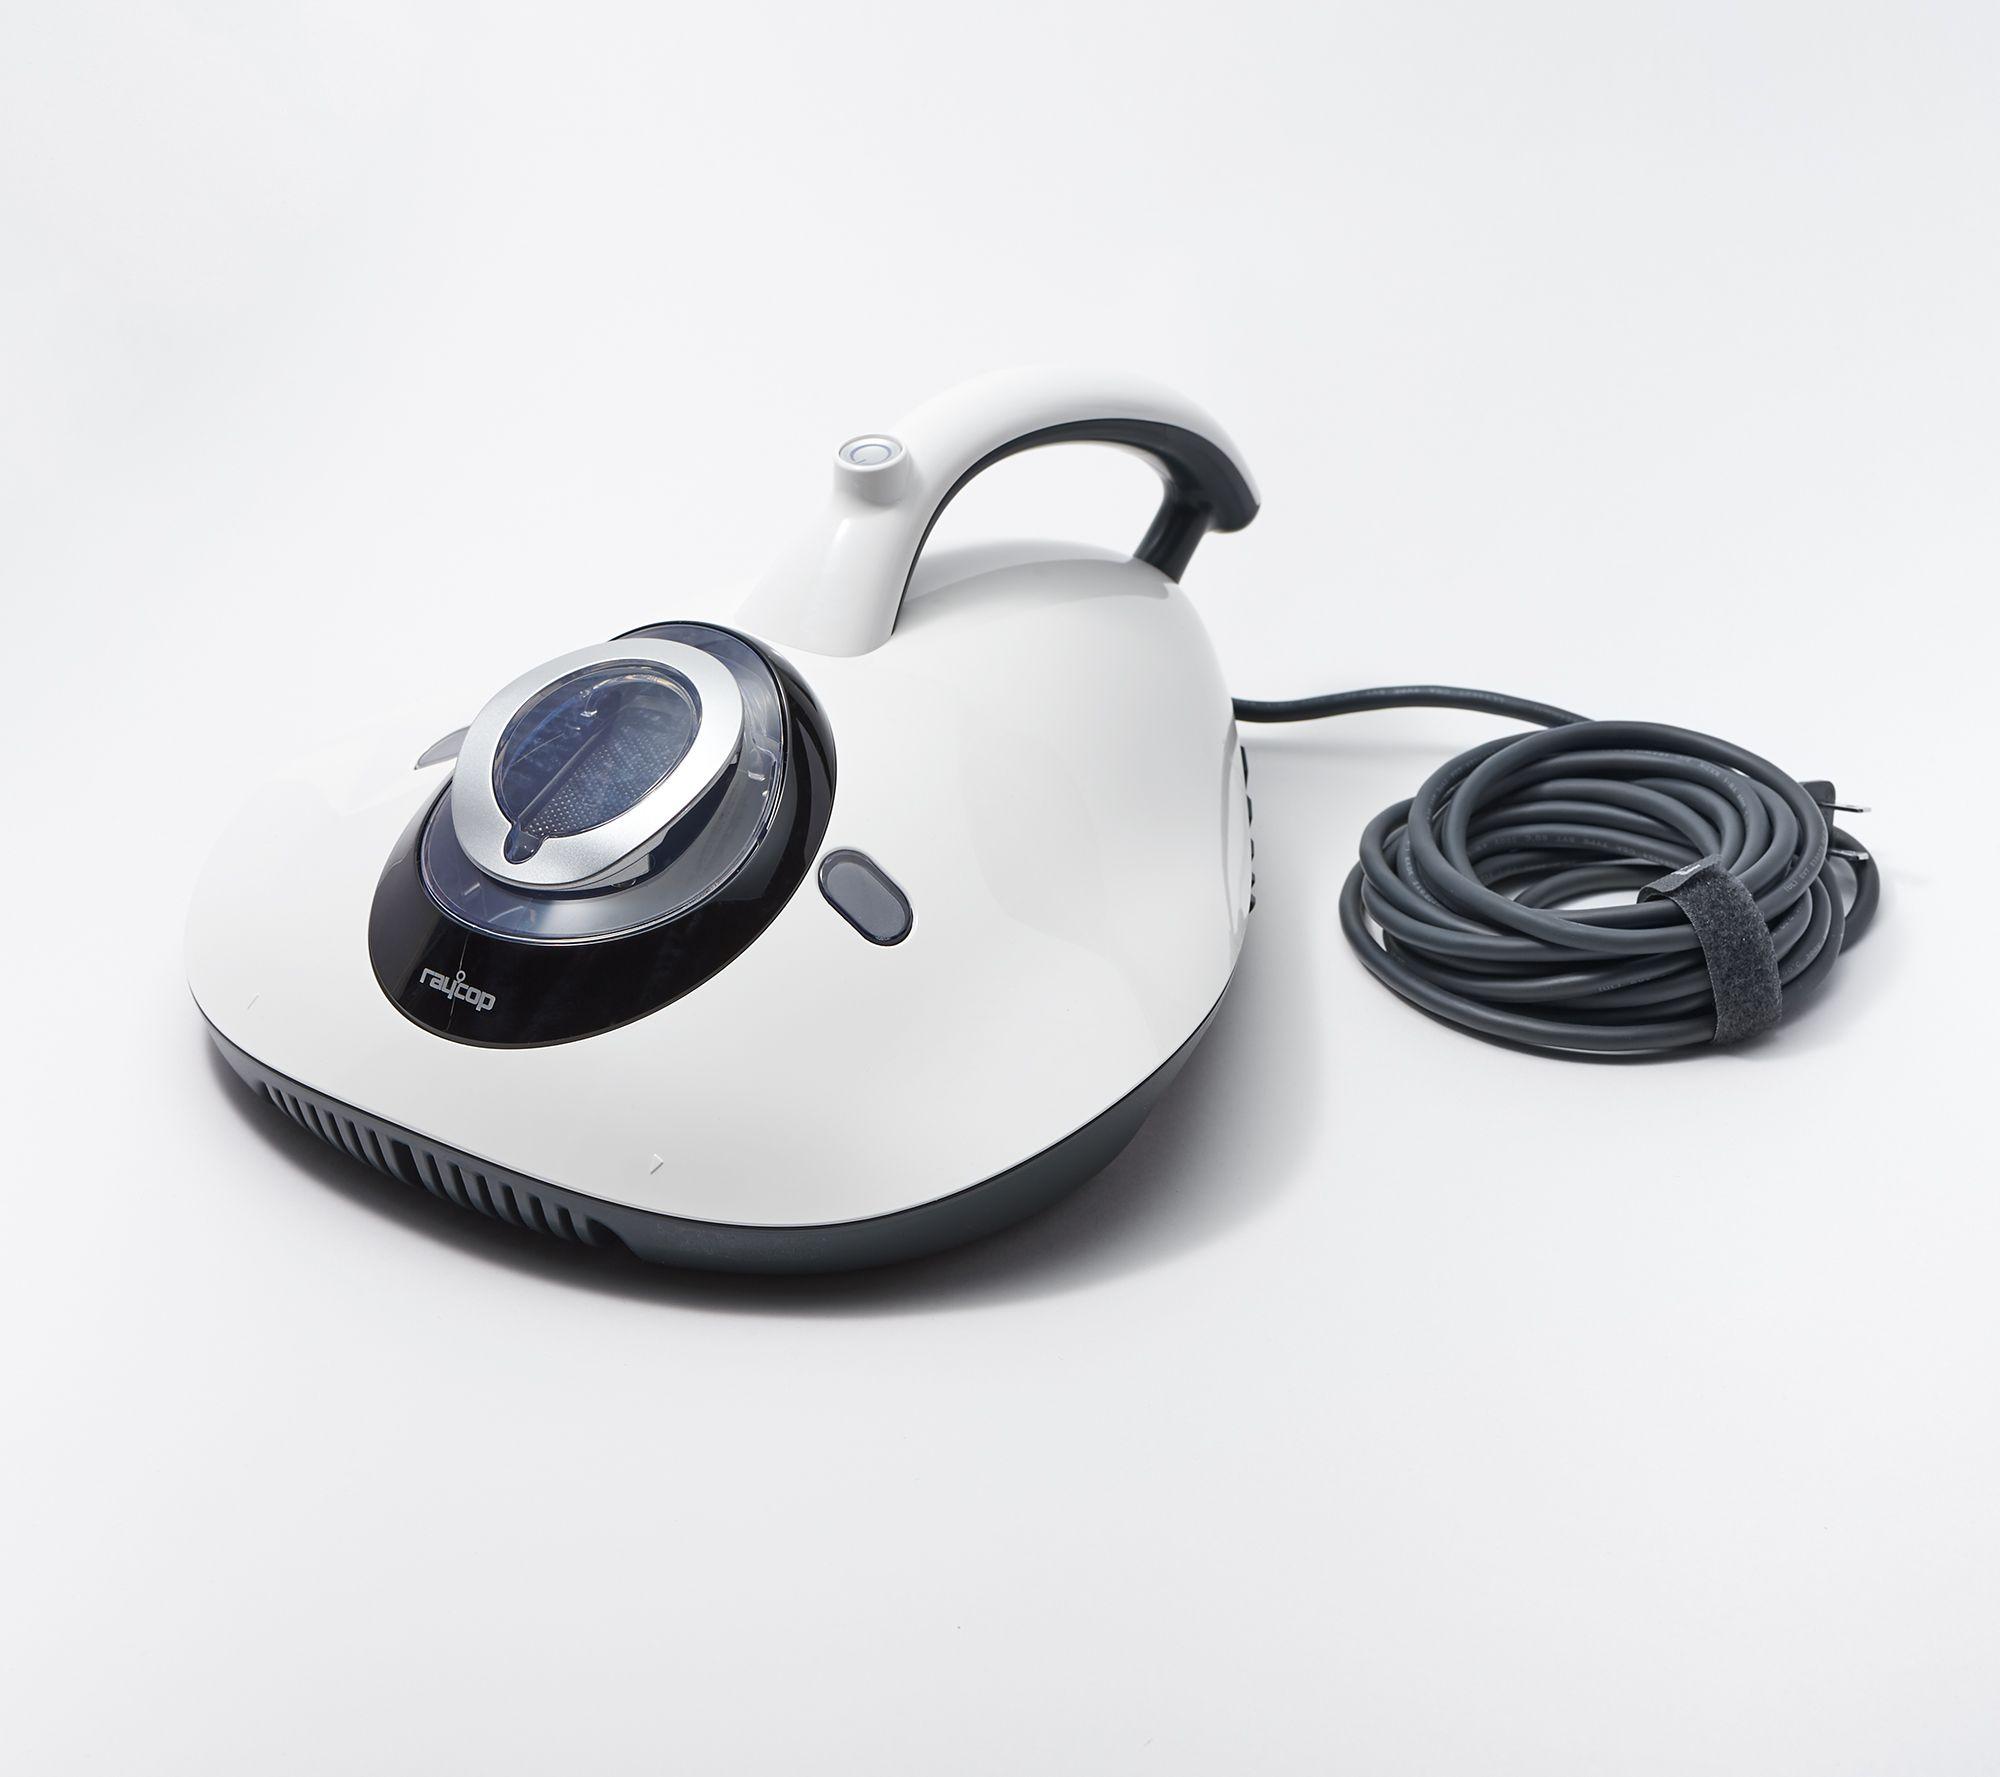 Handheld UV vacuum and sanitizer